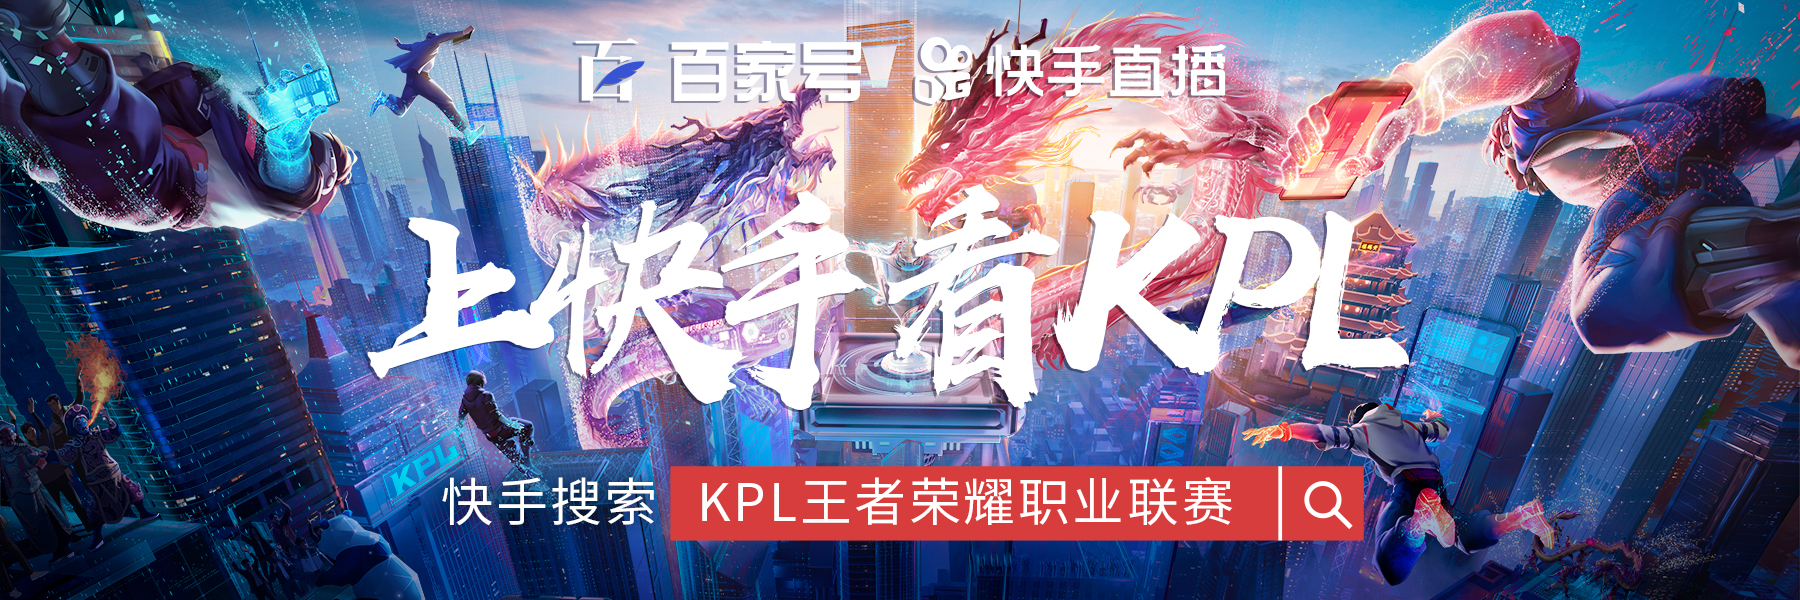 王者荣耀 KPL大乔体系受伤,RW侠拿下赛点